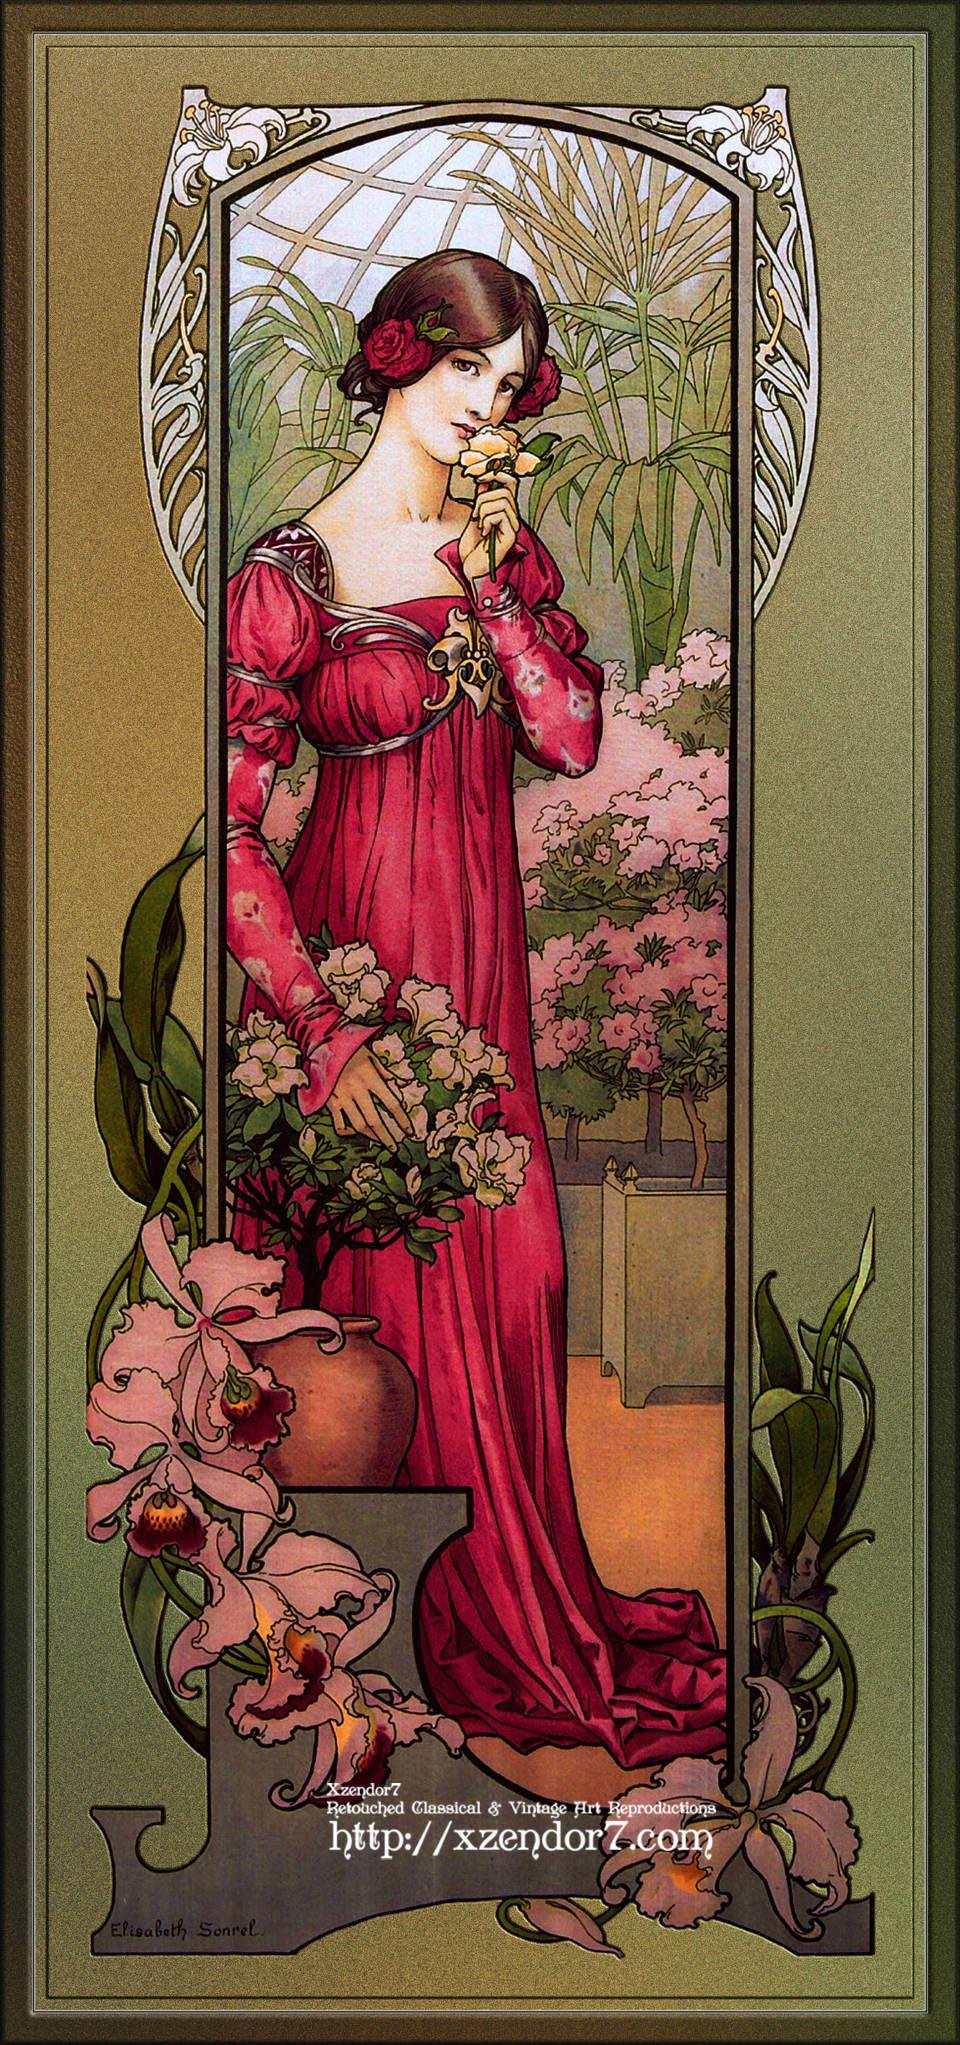 Flowers Of Gardens by Élisabeth Sonrel